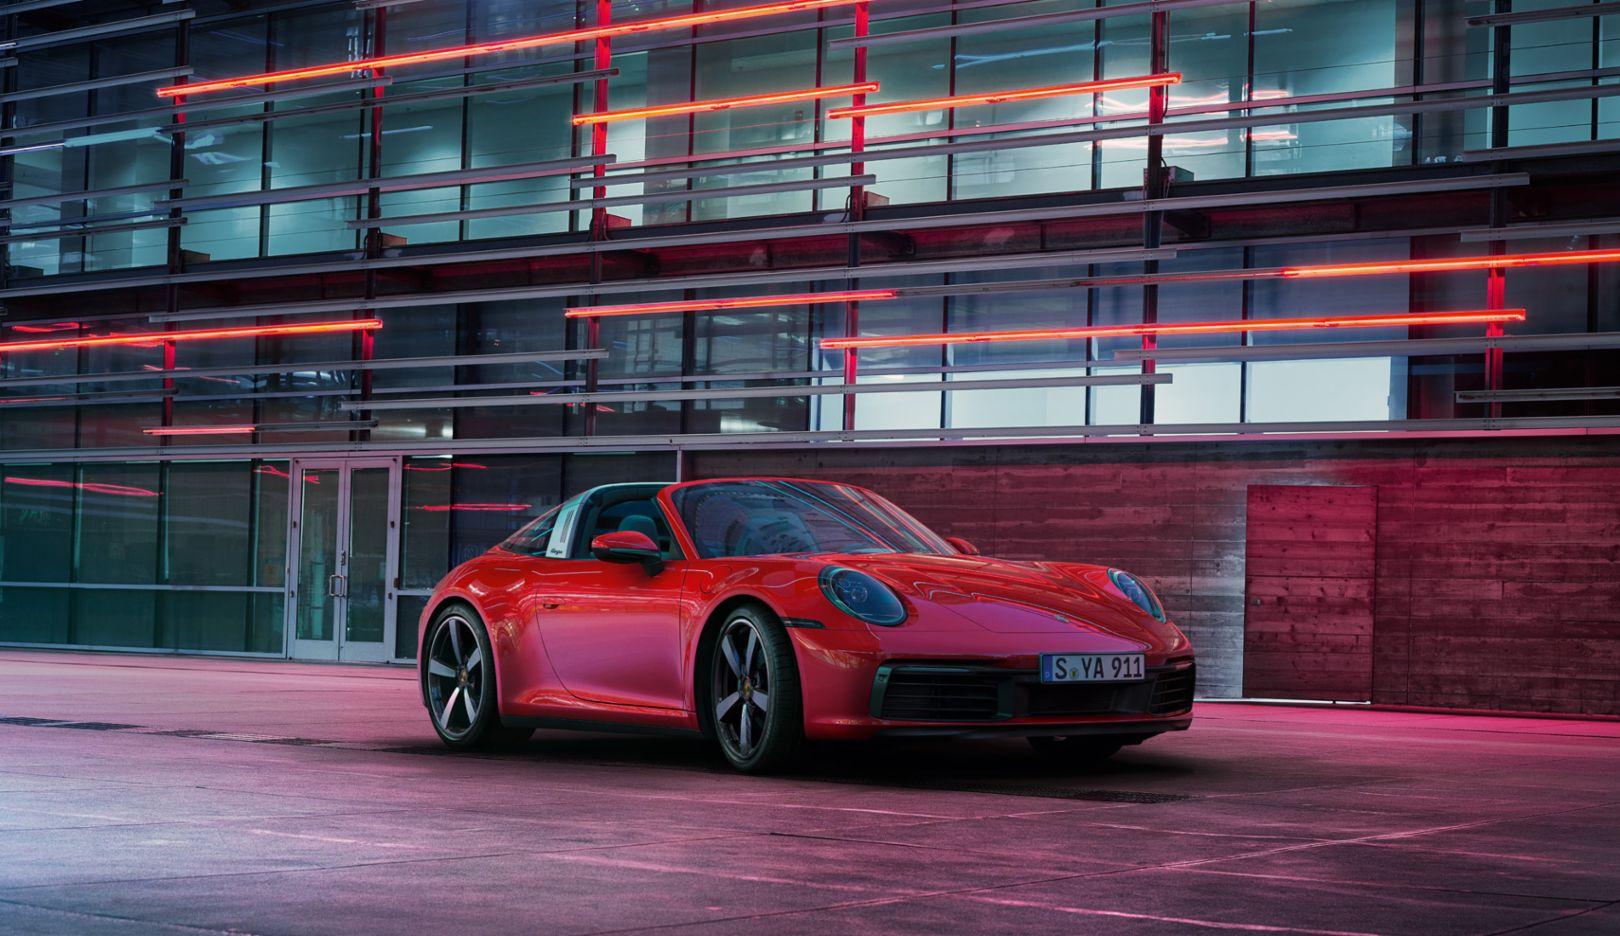 Digital world premiere at Porsche - Image 2